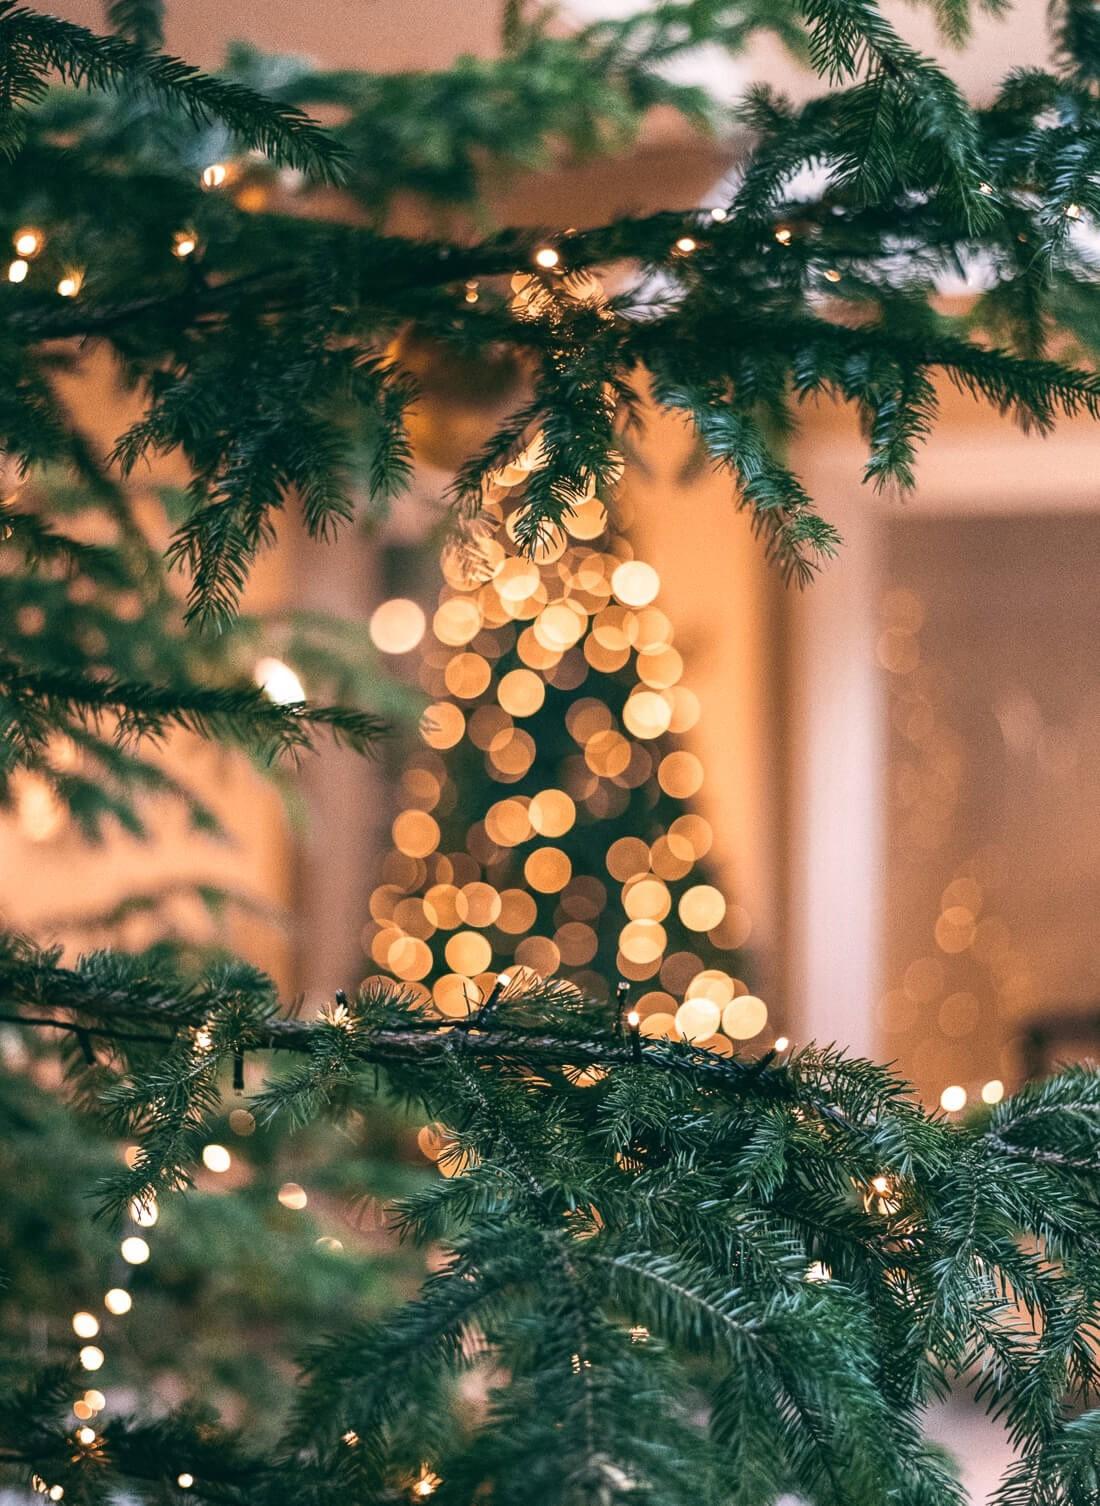 Décoration de sapin classique avec des lumières de Noël.